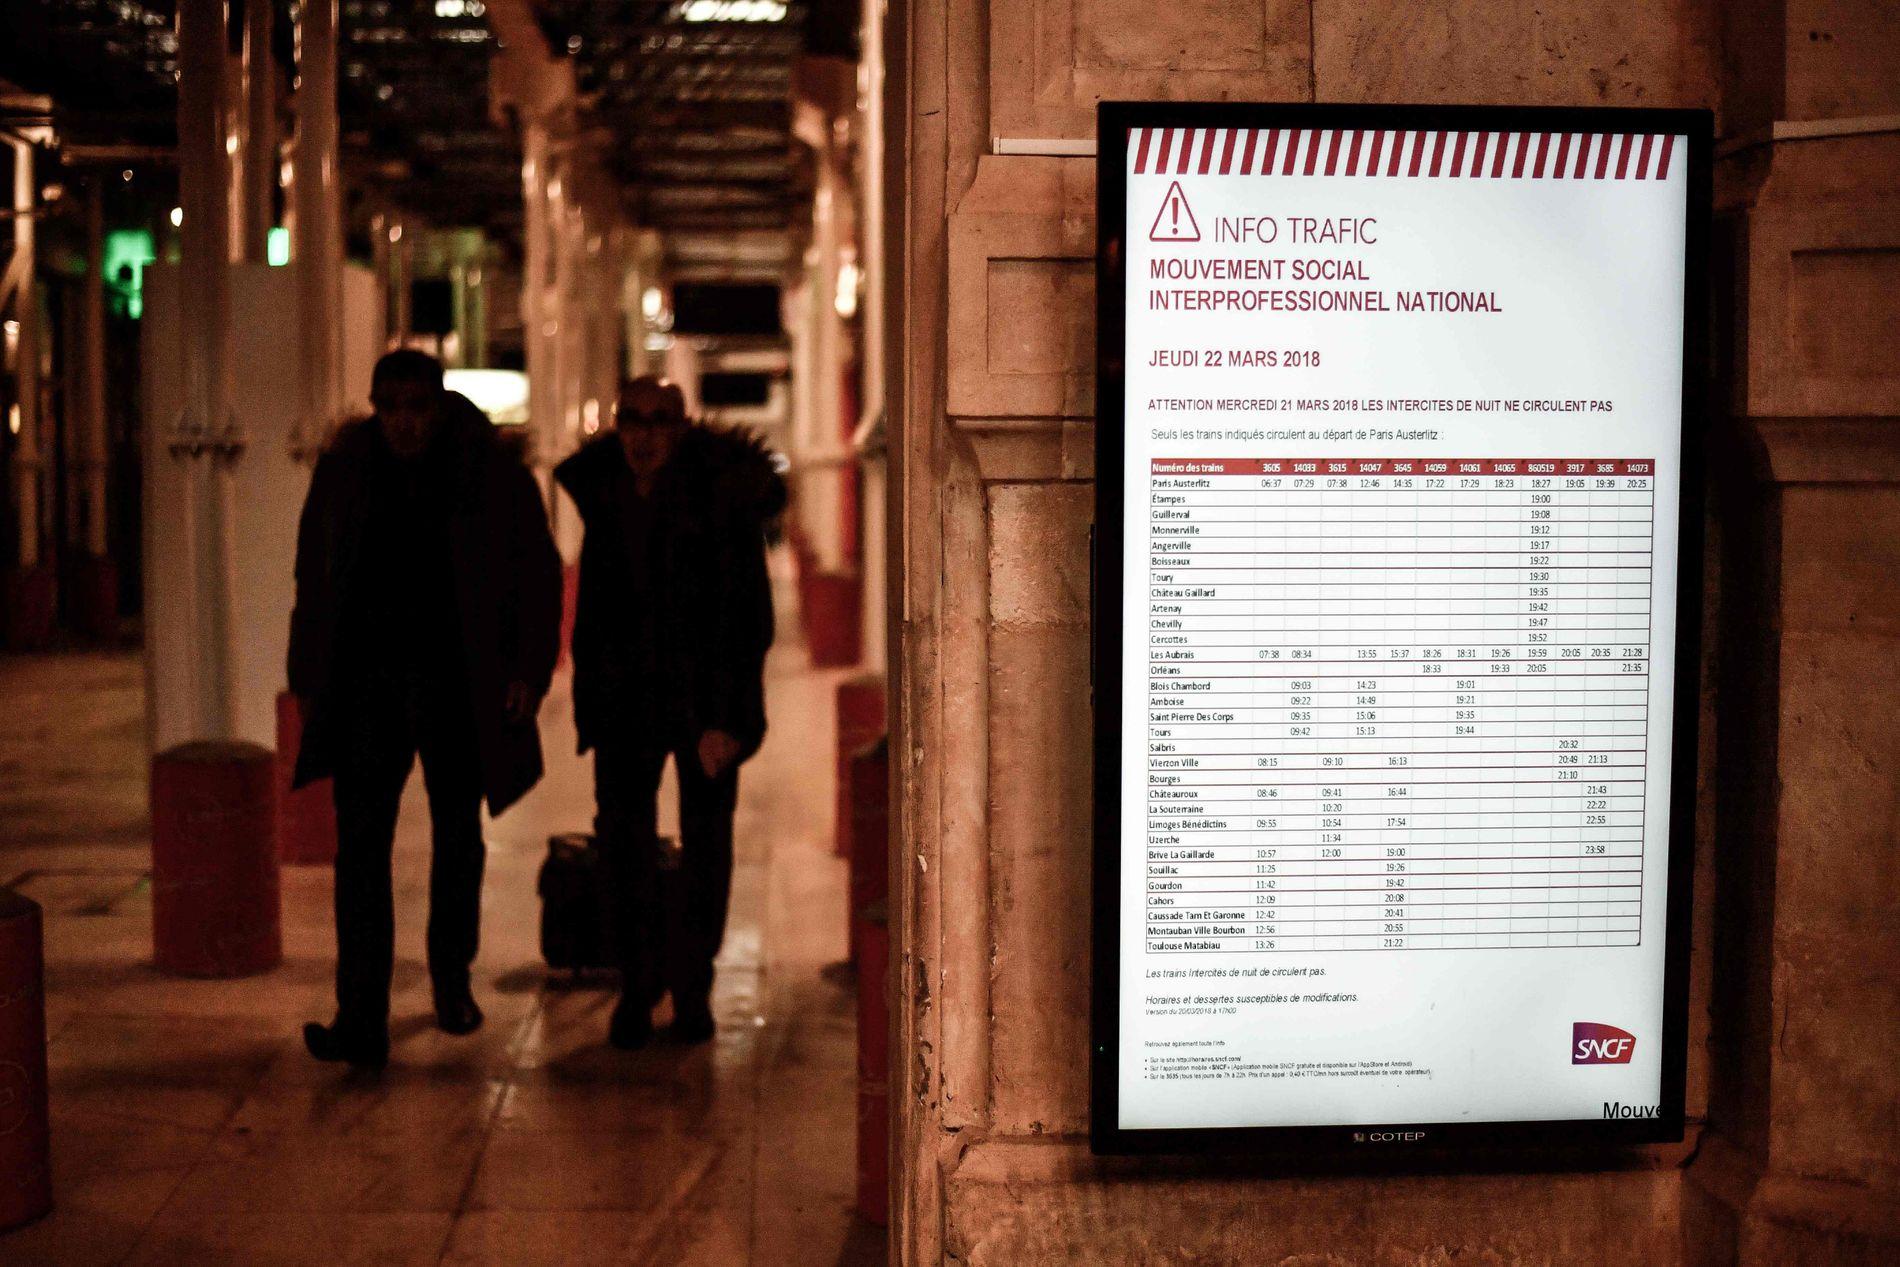 FULL STOPP: Franske tog og fly stanser opp torsdag, og skoler og enkelte offentlige kontorer stenger dørene i protest mot president Macrons økonomiske politikk.